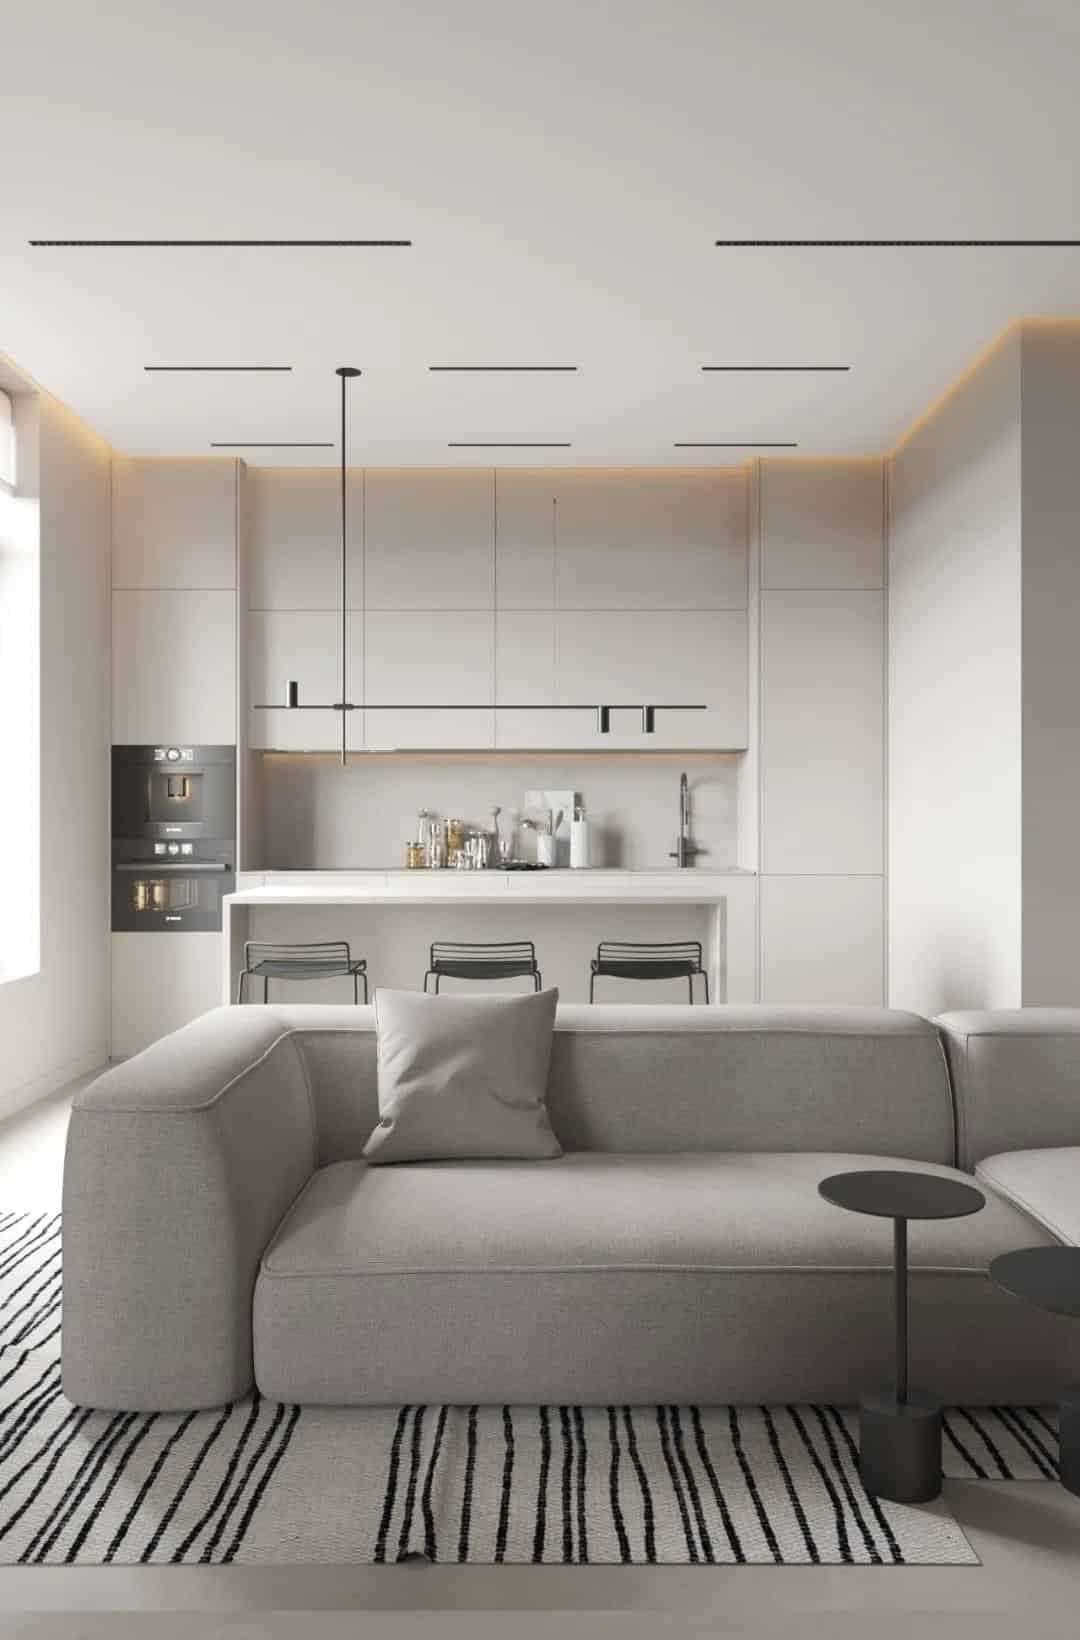 無色系室內設計,簡約質樸的空靈美